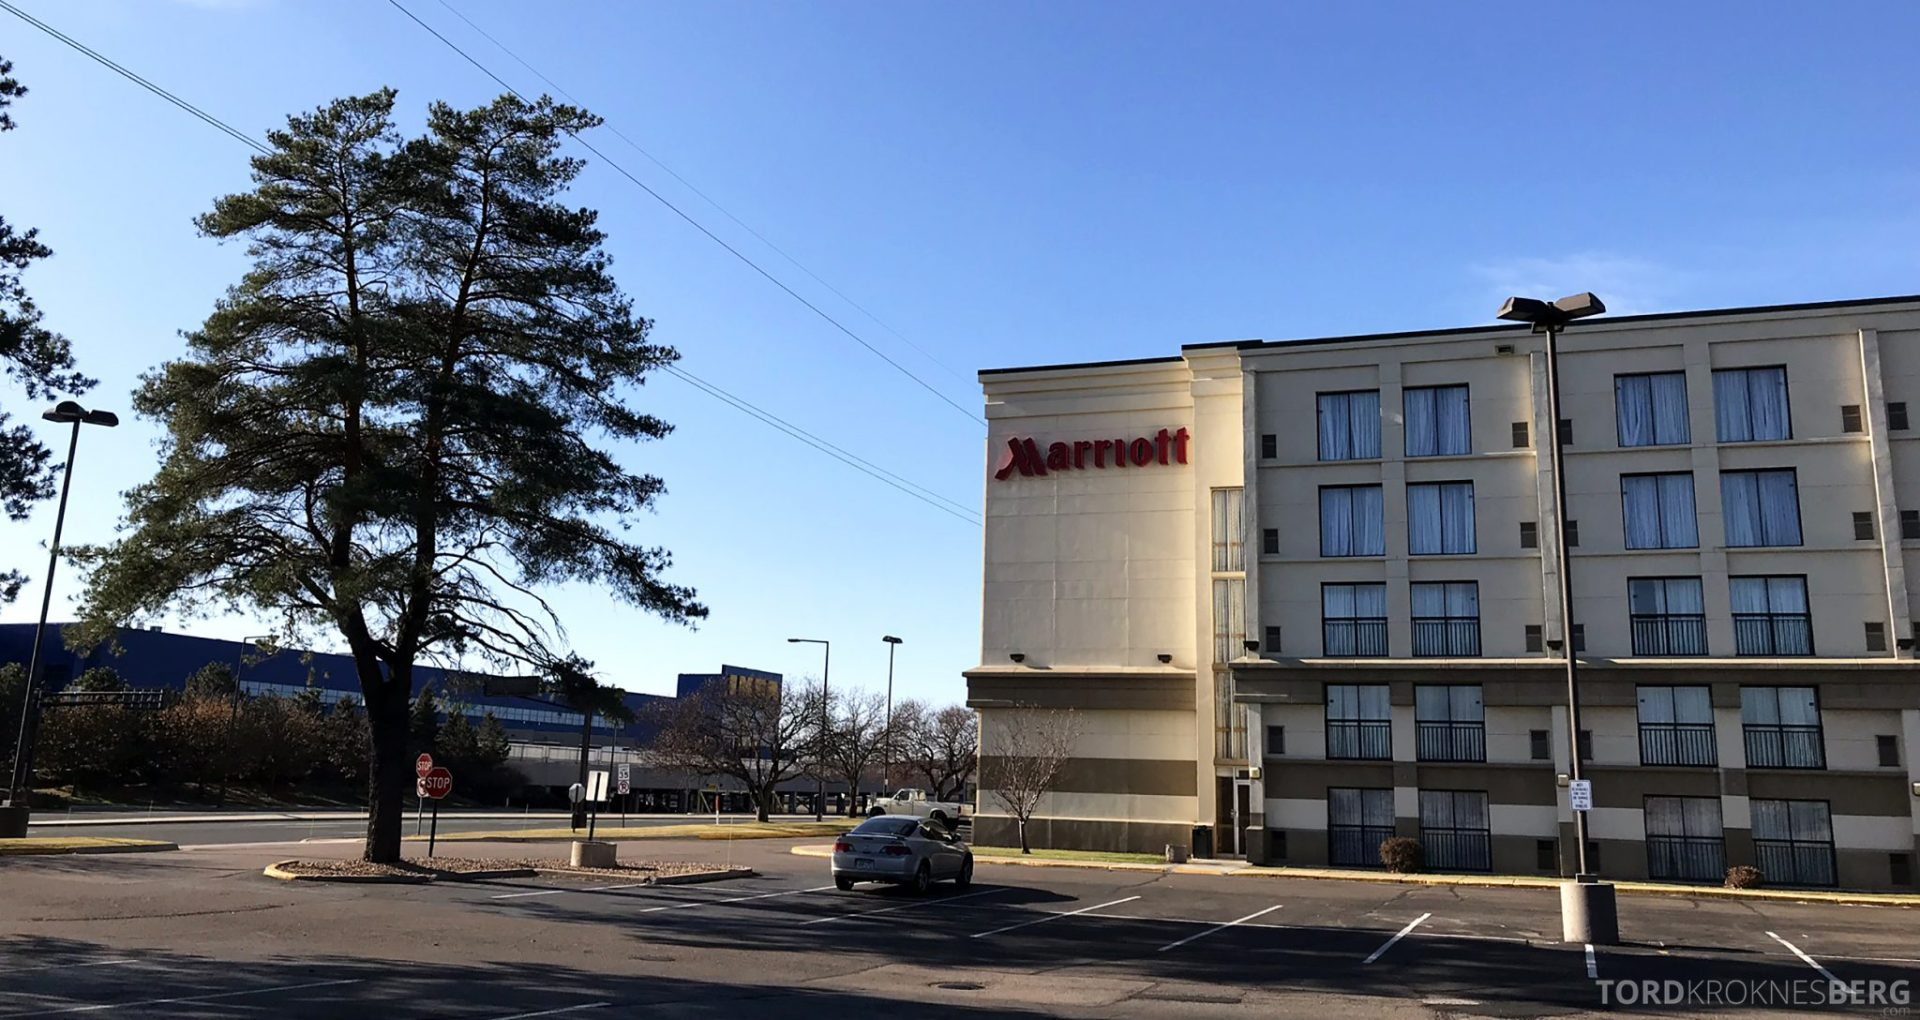 Marriott Bloomington Hotel fasade